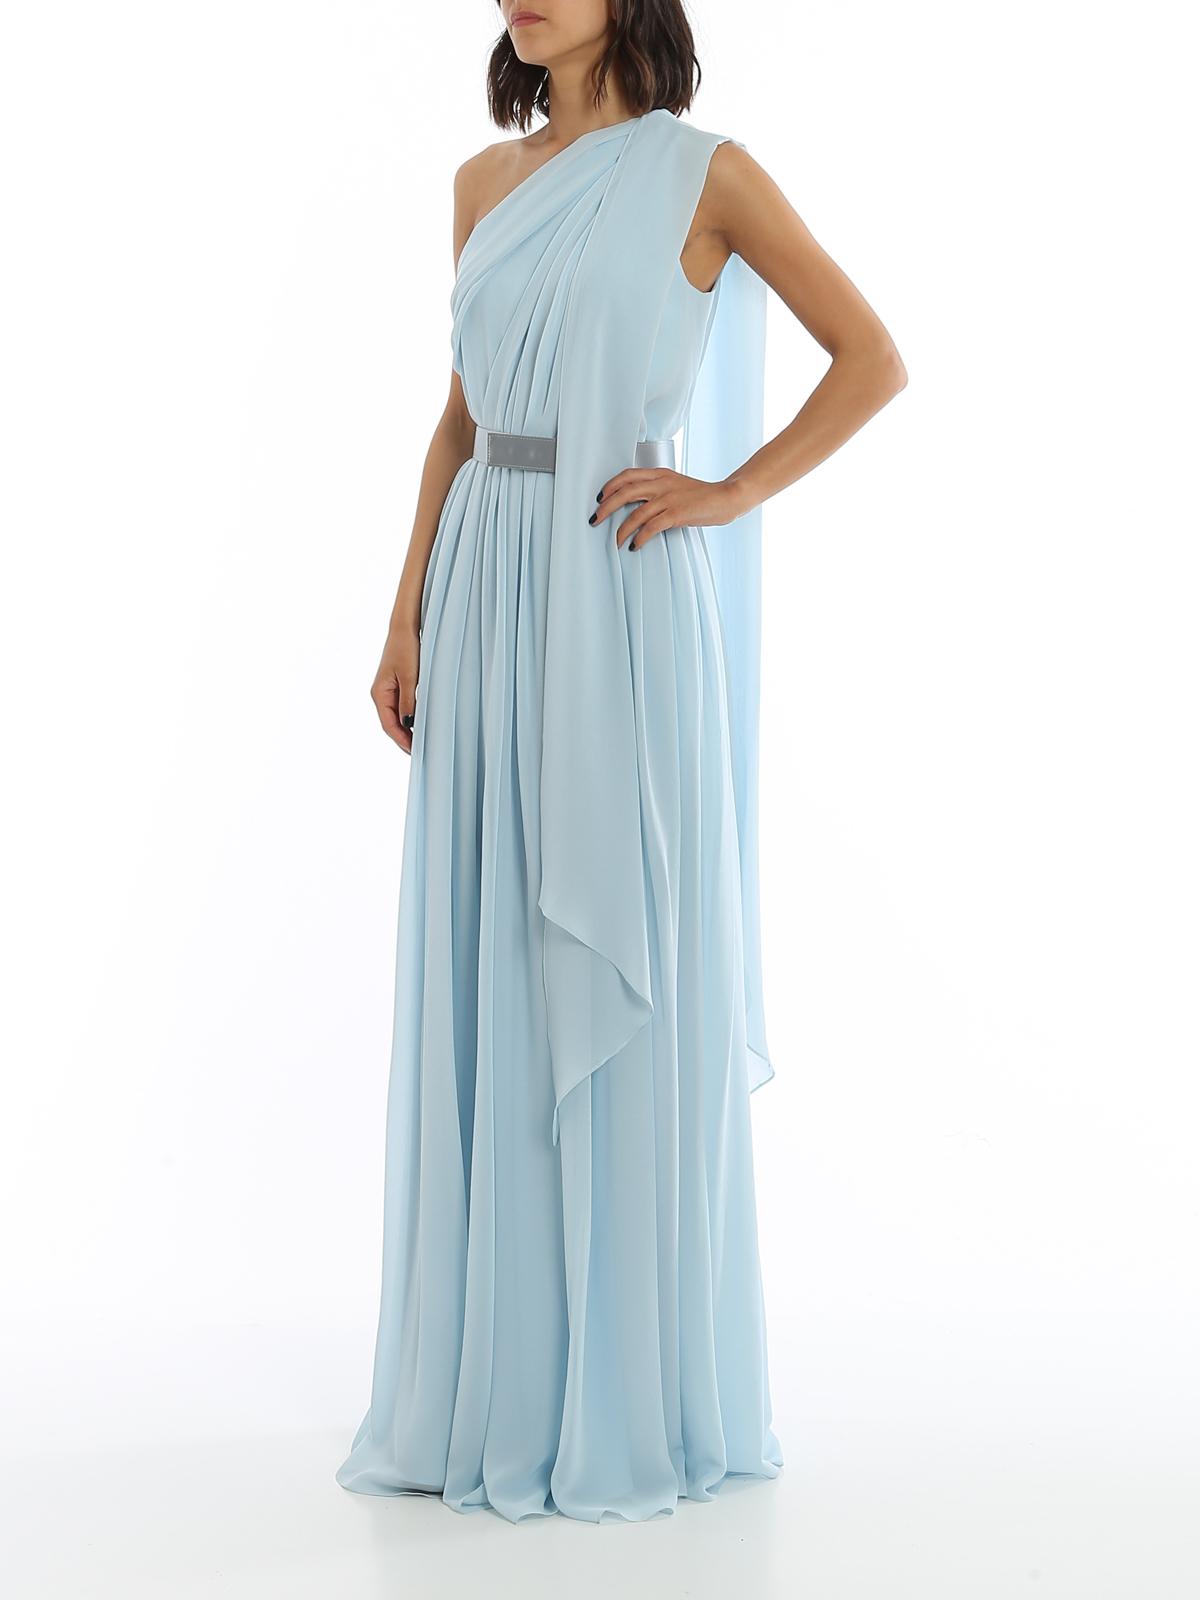 Max Mara - Abendkleid - Hellblau - Abendkleider - 9